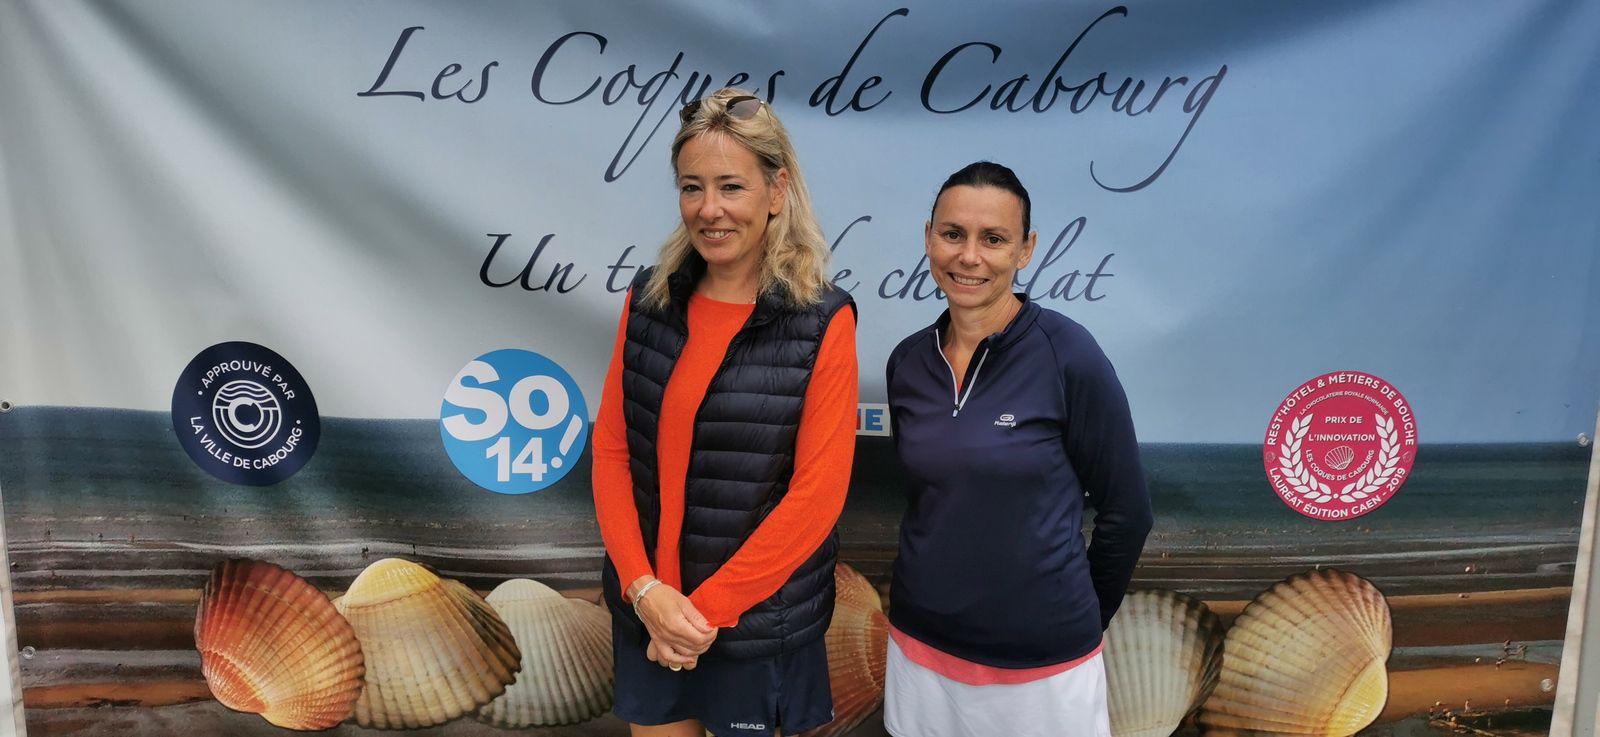 Nathalie Billouin 15/4 Garden Tennis de Cabourg gagne contre Irène Génillon-Fricotelle 15/3 Livarot